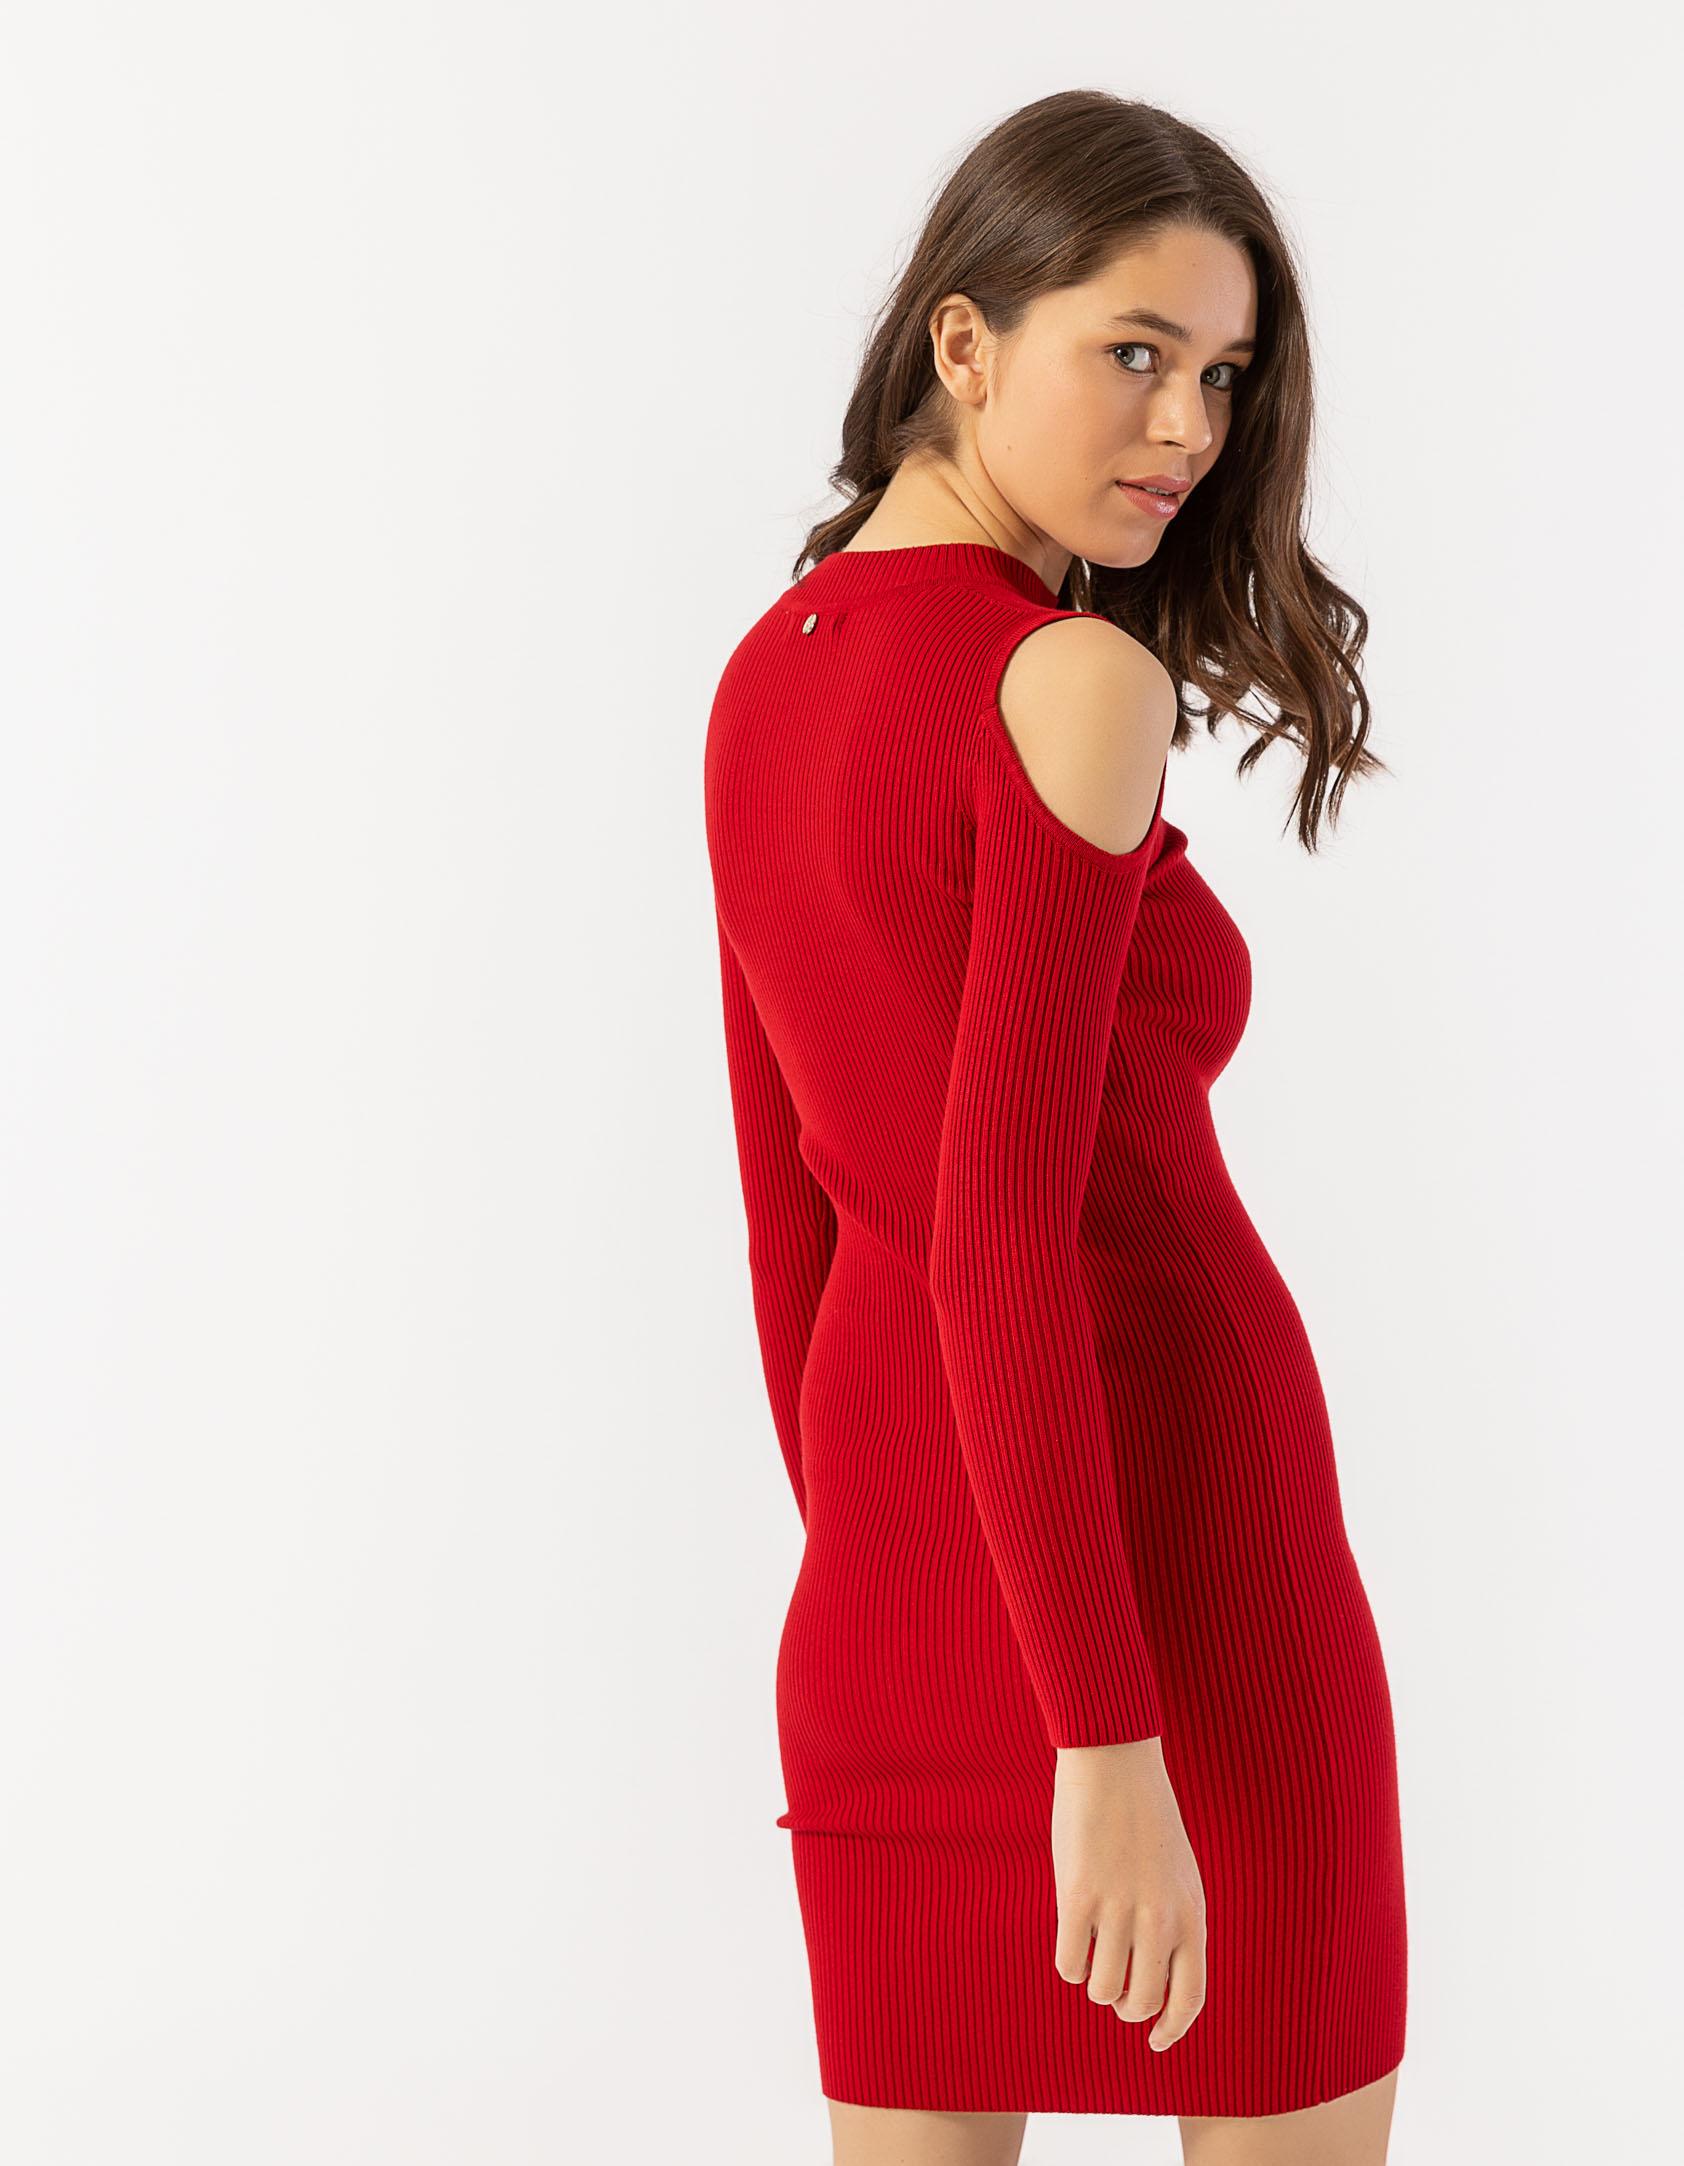 0e40e514a3d Φόρεμα με άνοιγμα στους ώμους - Issue Fashion